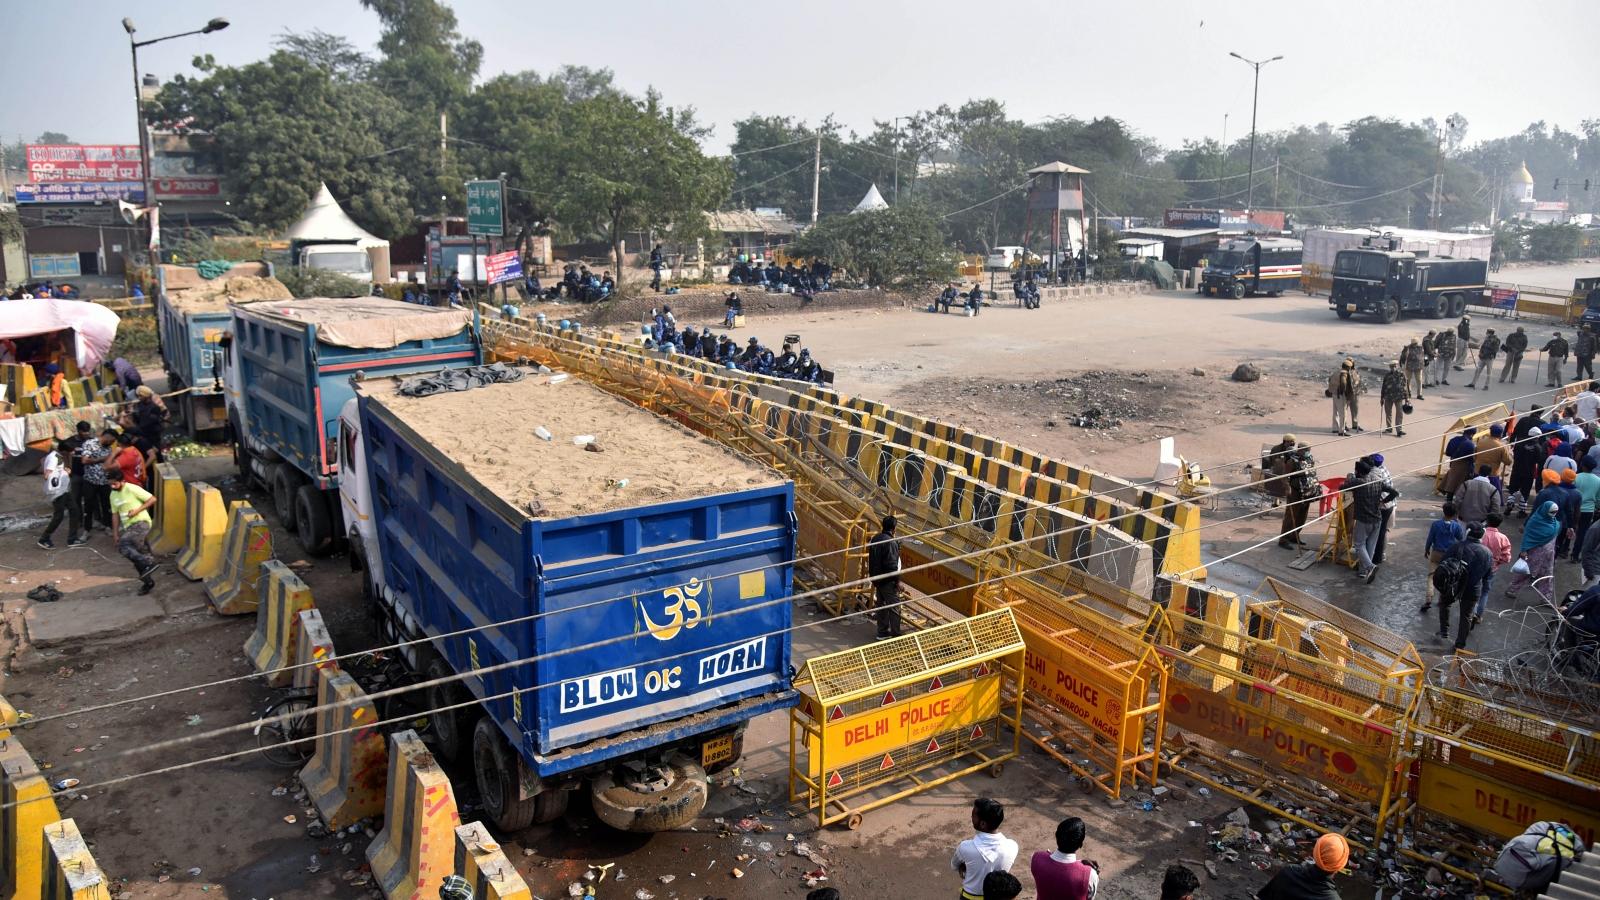 Thủ đô New Delhi (Ấn Độ) bị phong tỏa vì biểu tình của nông dân